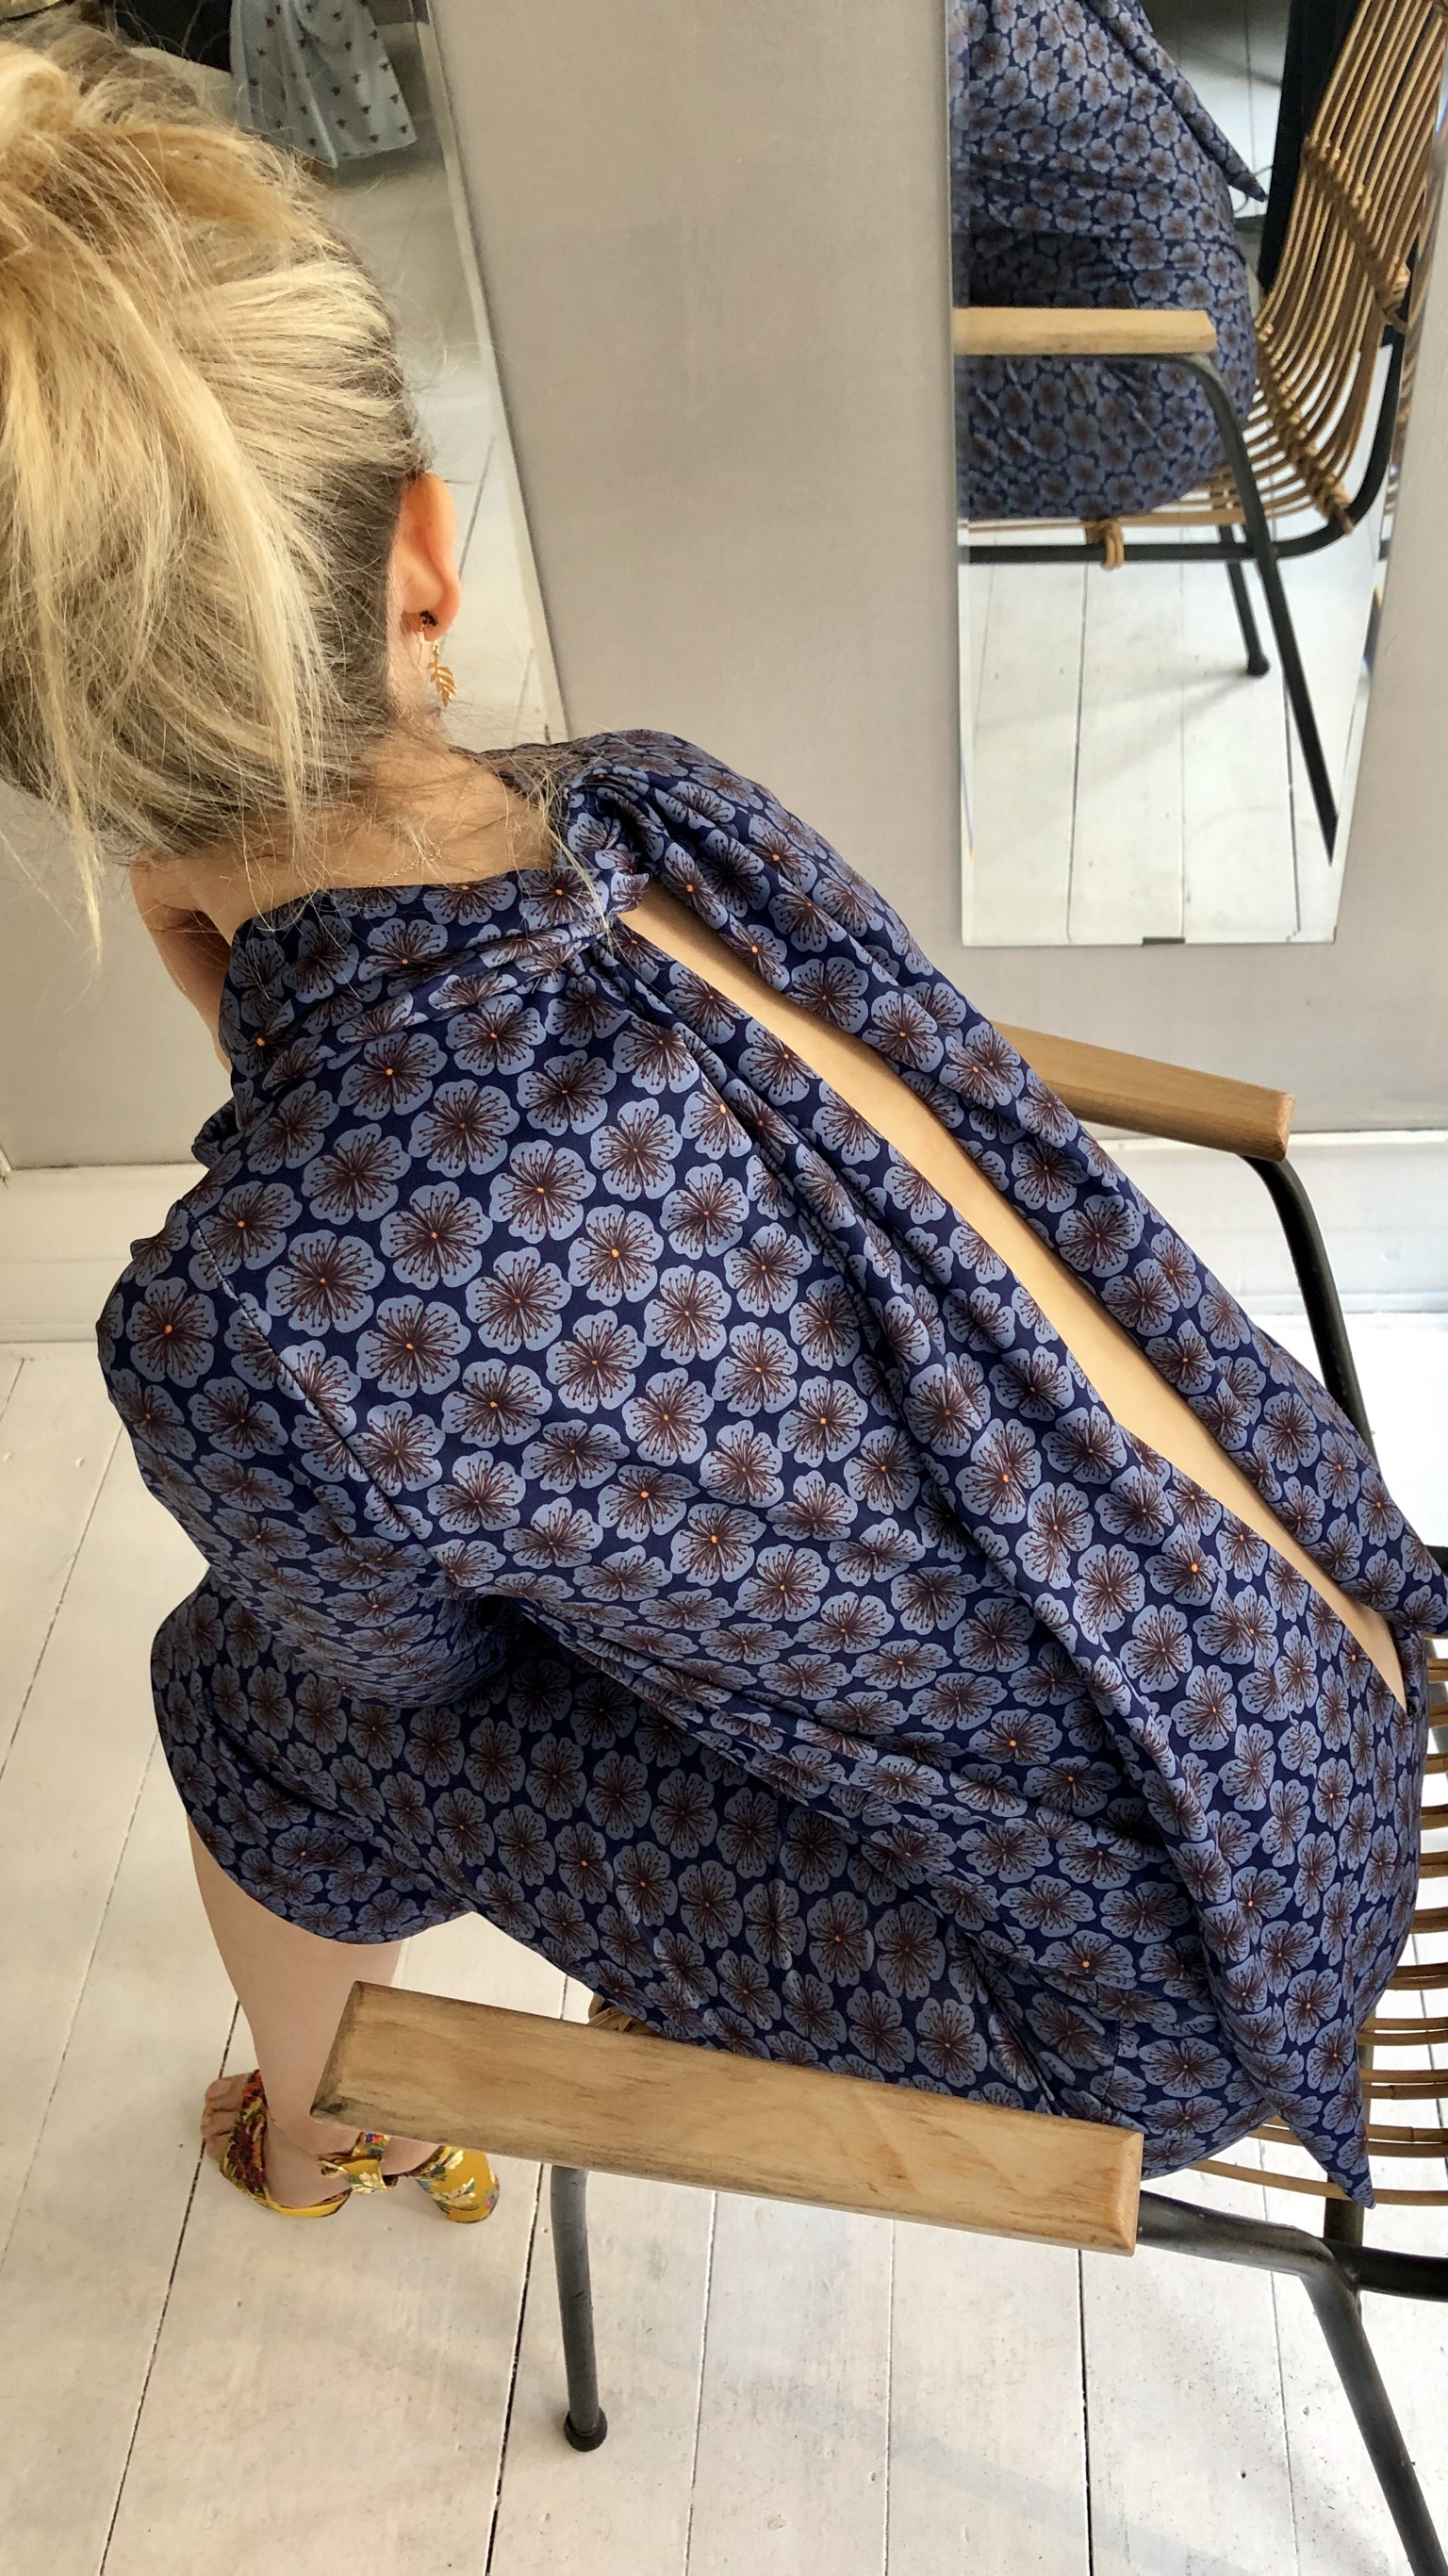 45de4984 Forside / Kort kjole m slids i ryggen og tørklæde, lyseblå blomster på  lilla bund. 55CB9B8B-7C1D-406E-A58E-697FE1D6B312